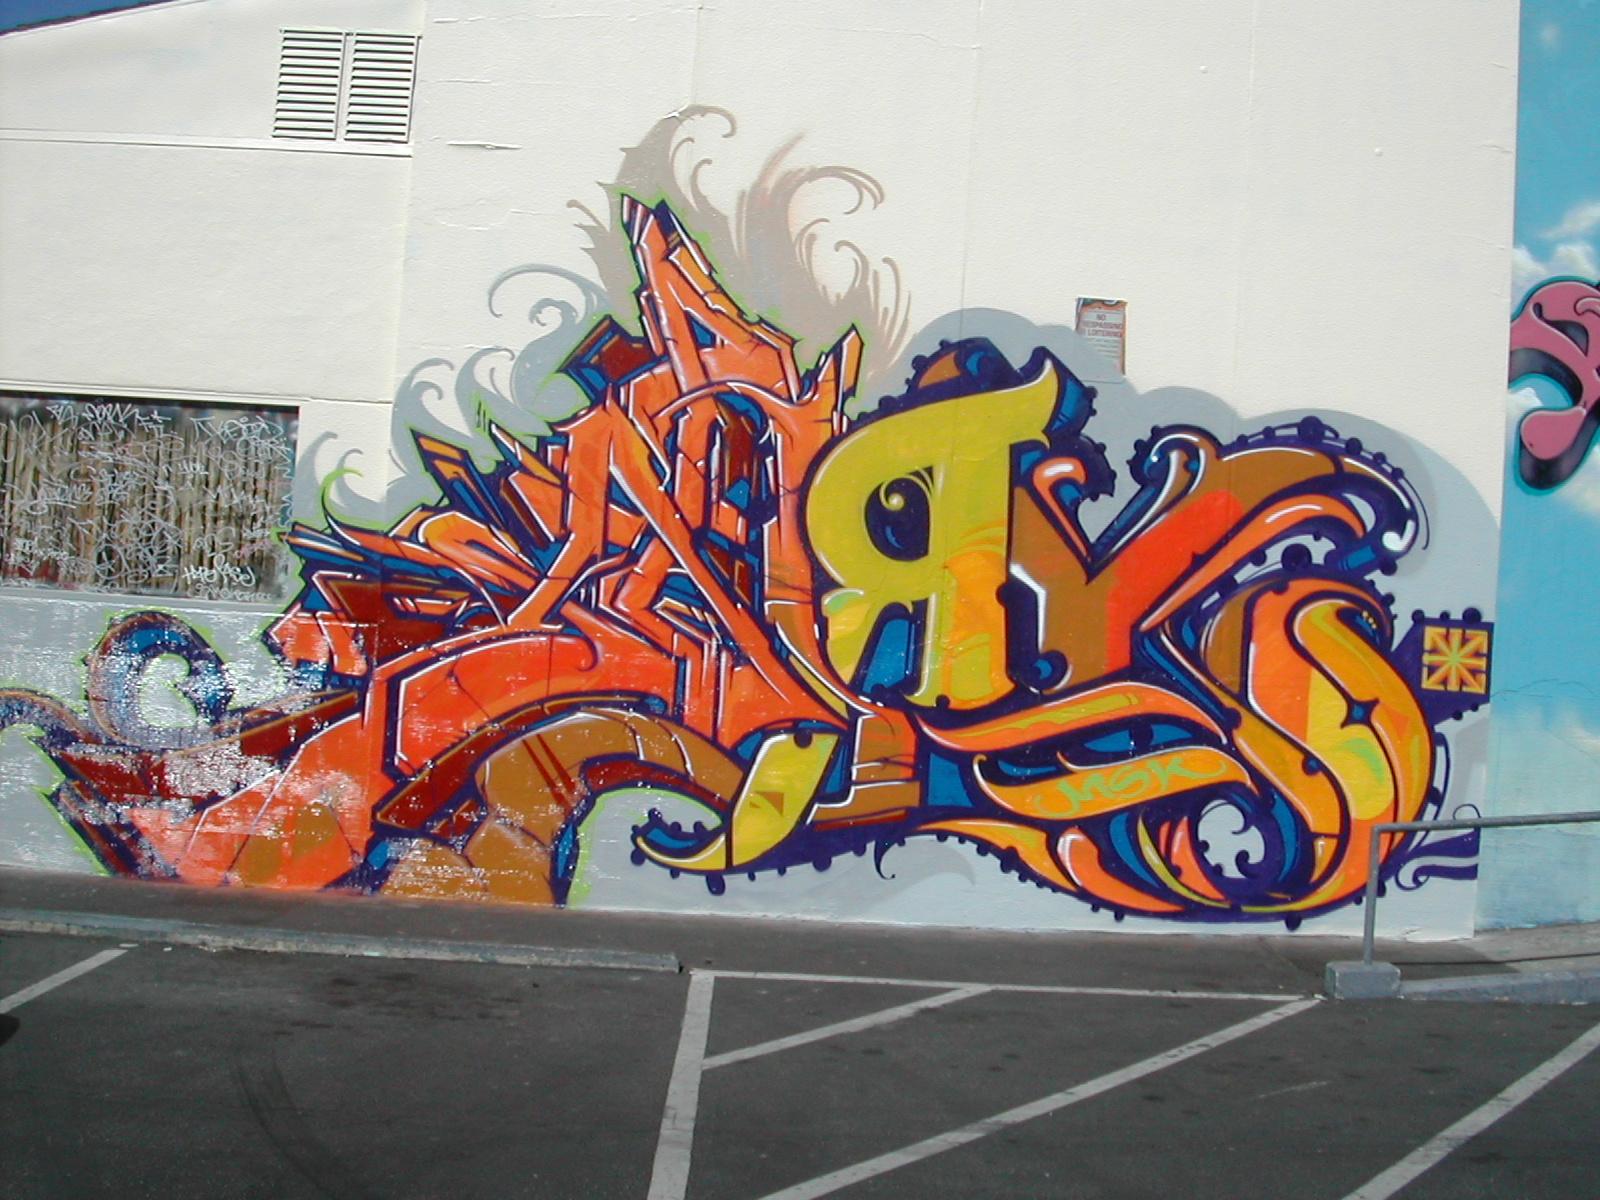 デスクトップ壁紙 都市 サーベル 落書き ストリートアート 壁画 Sc Kingsofgraff Msk レイズ サンタクルーズ アプトス 紙幣 1 サンタクロースグラフィティ 1600x10 デスクトップ壁紙 Wallhere